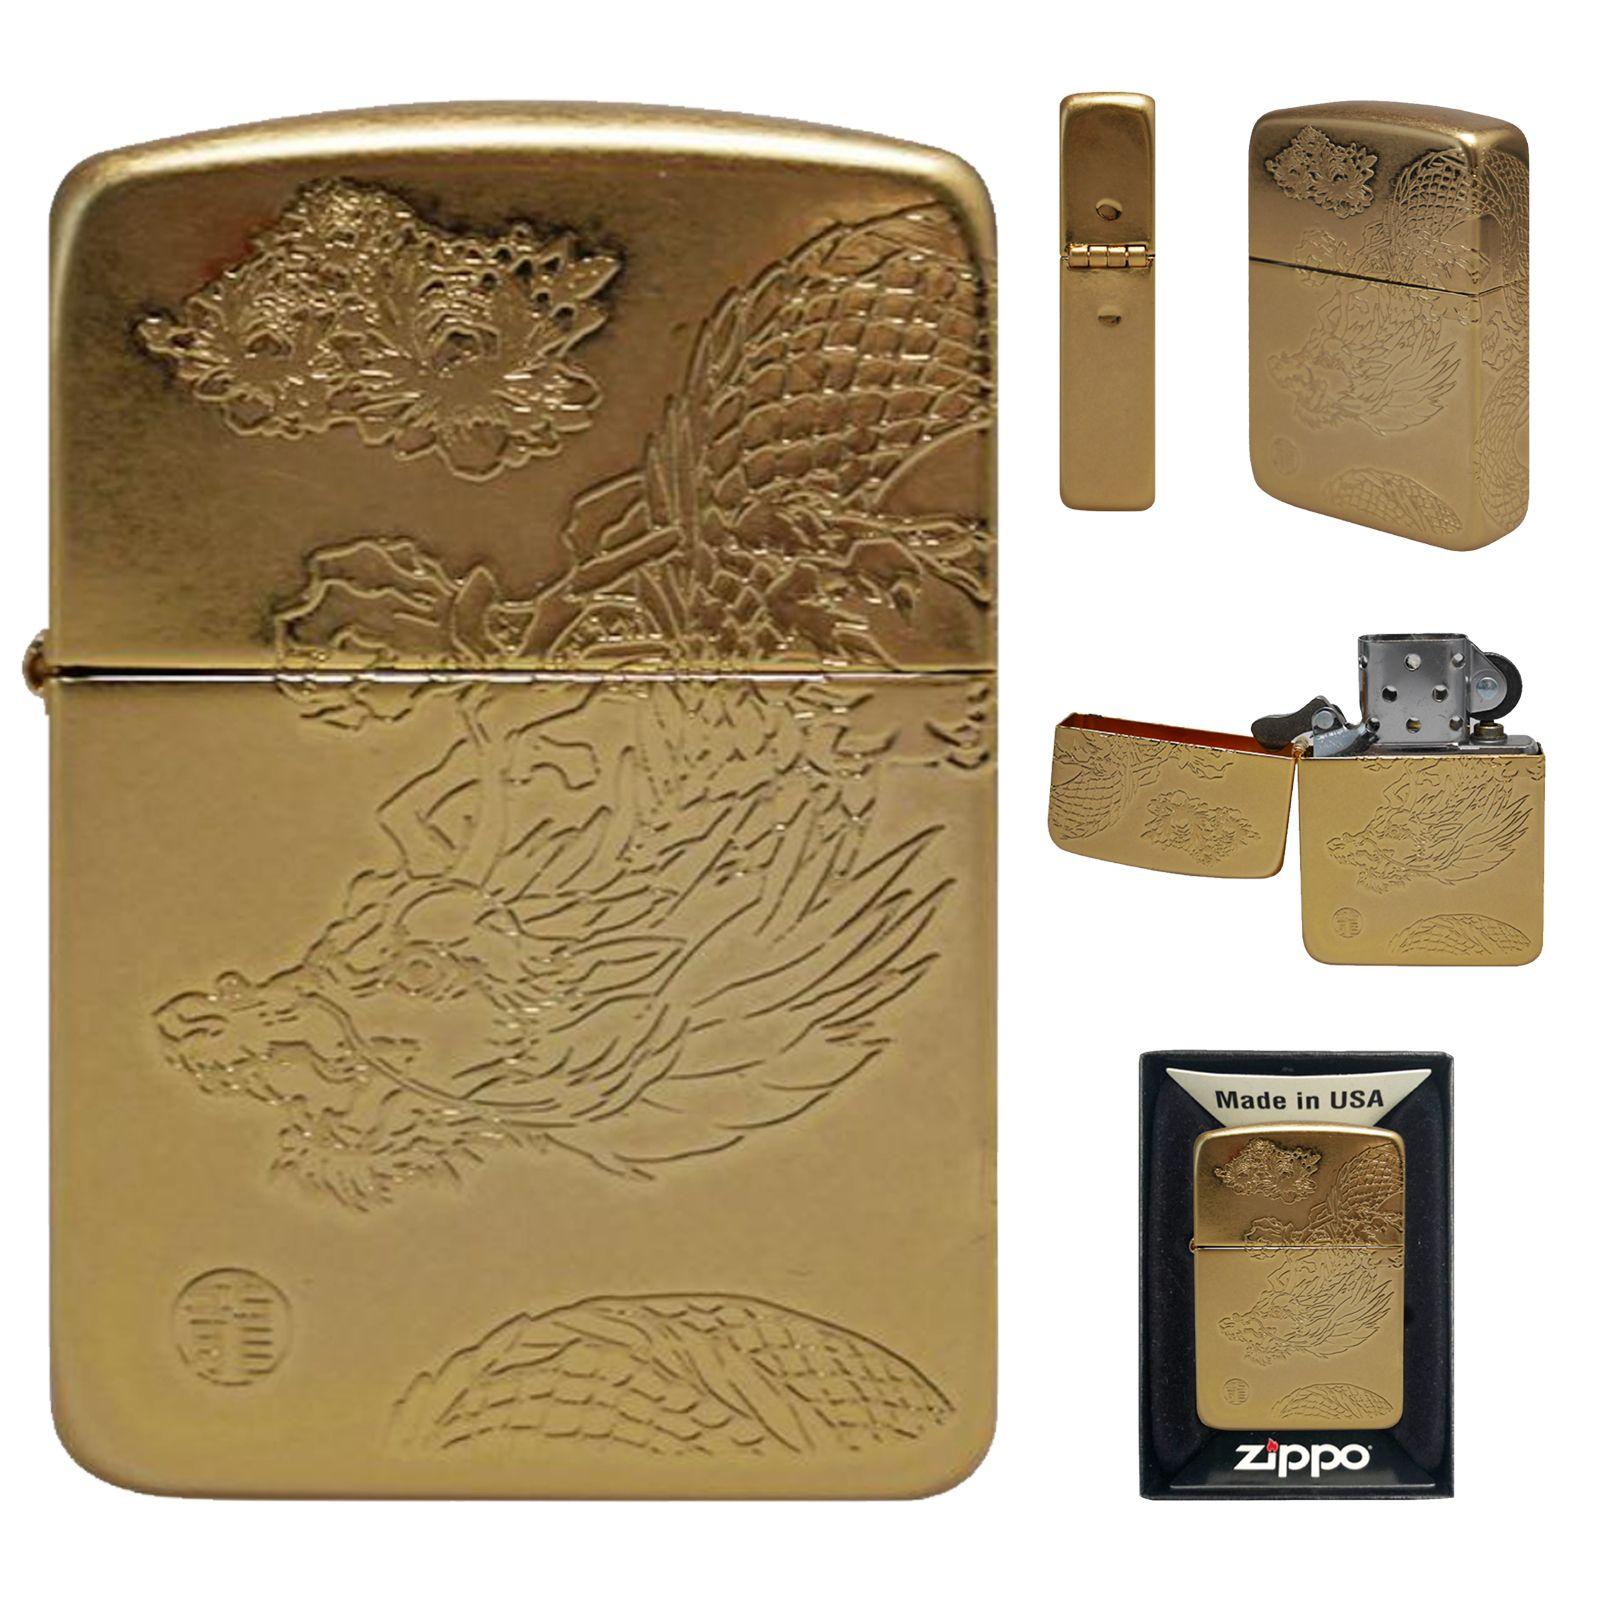 Zippo Lighter 1941 Dragon Flower Ga Gold Antique Brass Emblem Windproof Gift Ebay In 2020 Zippo Zippo Lighter Antique Brass